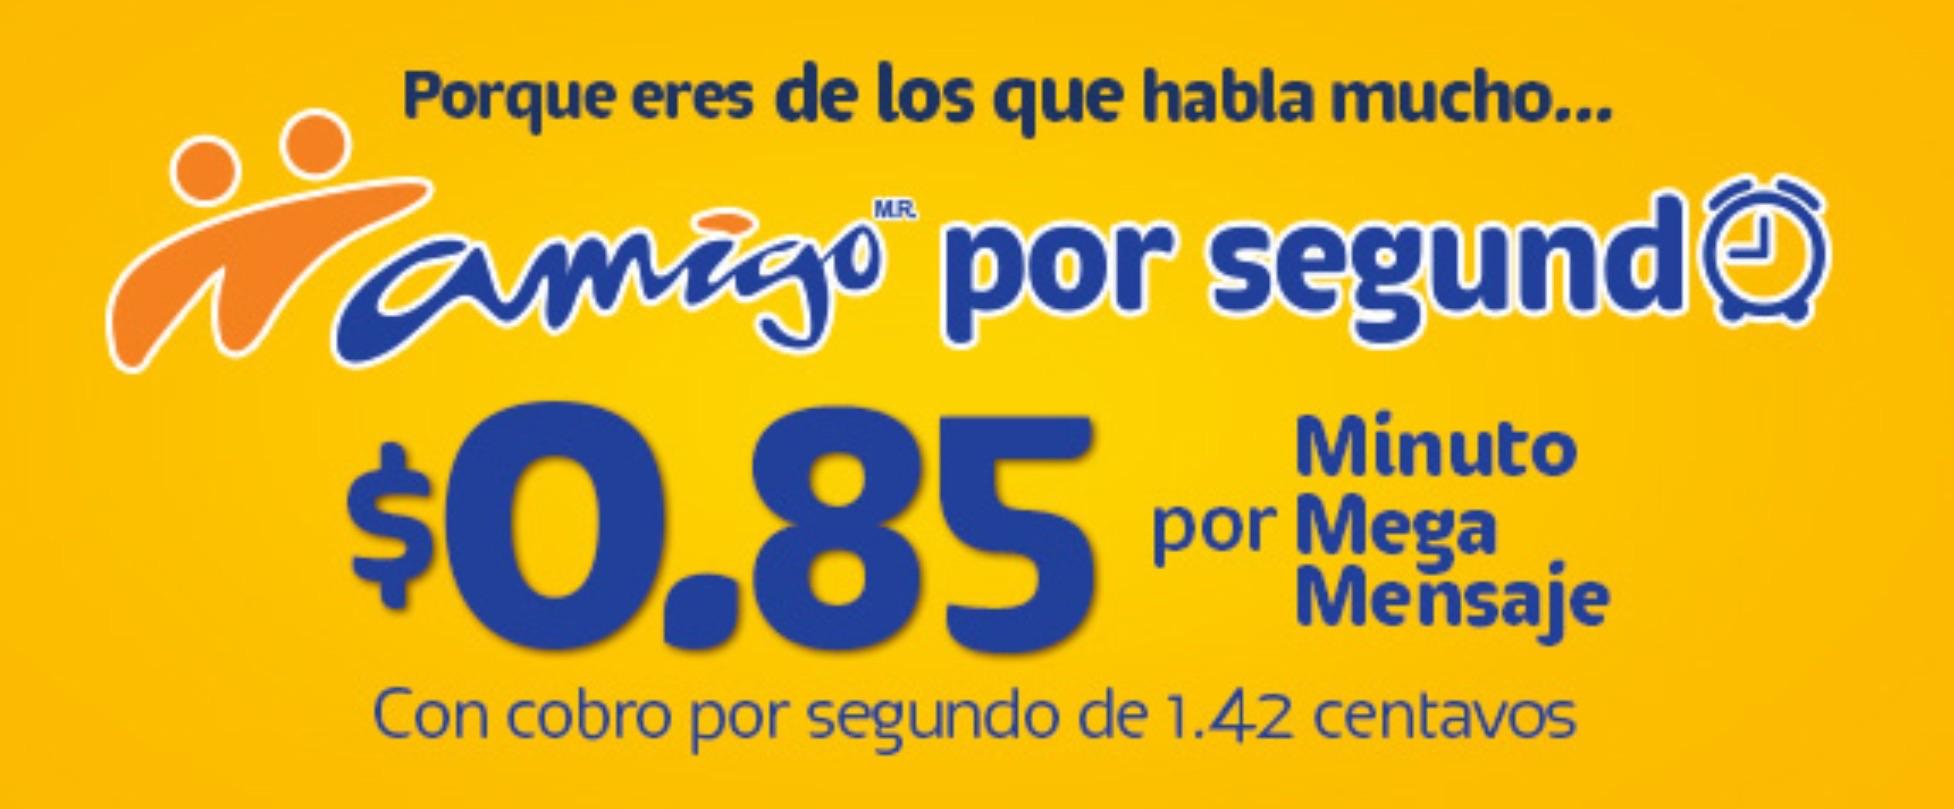 Telcel - Plan amigo por segundo (nueva tarifa de $0.85 el min)